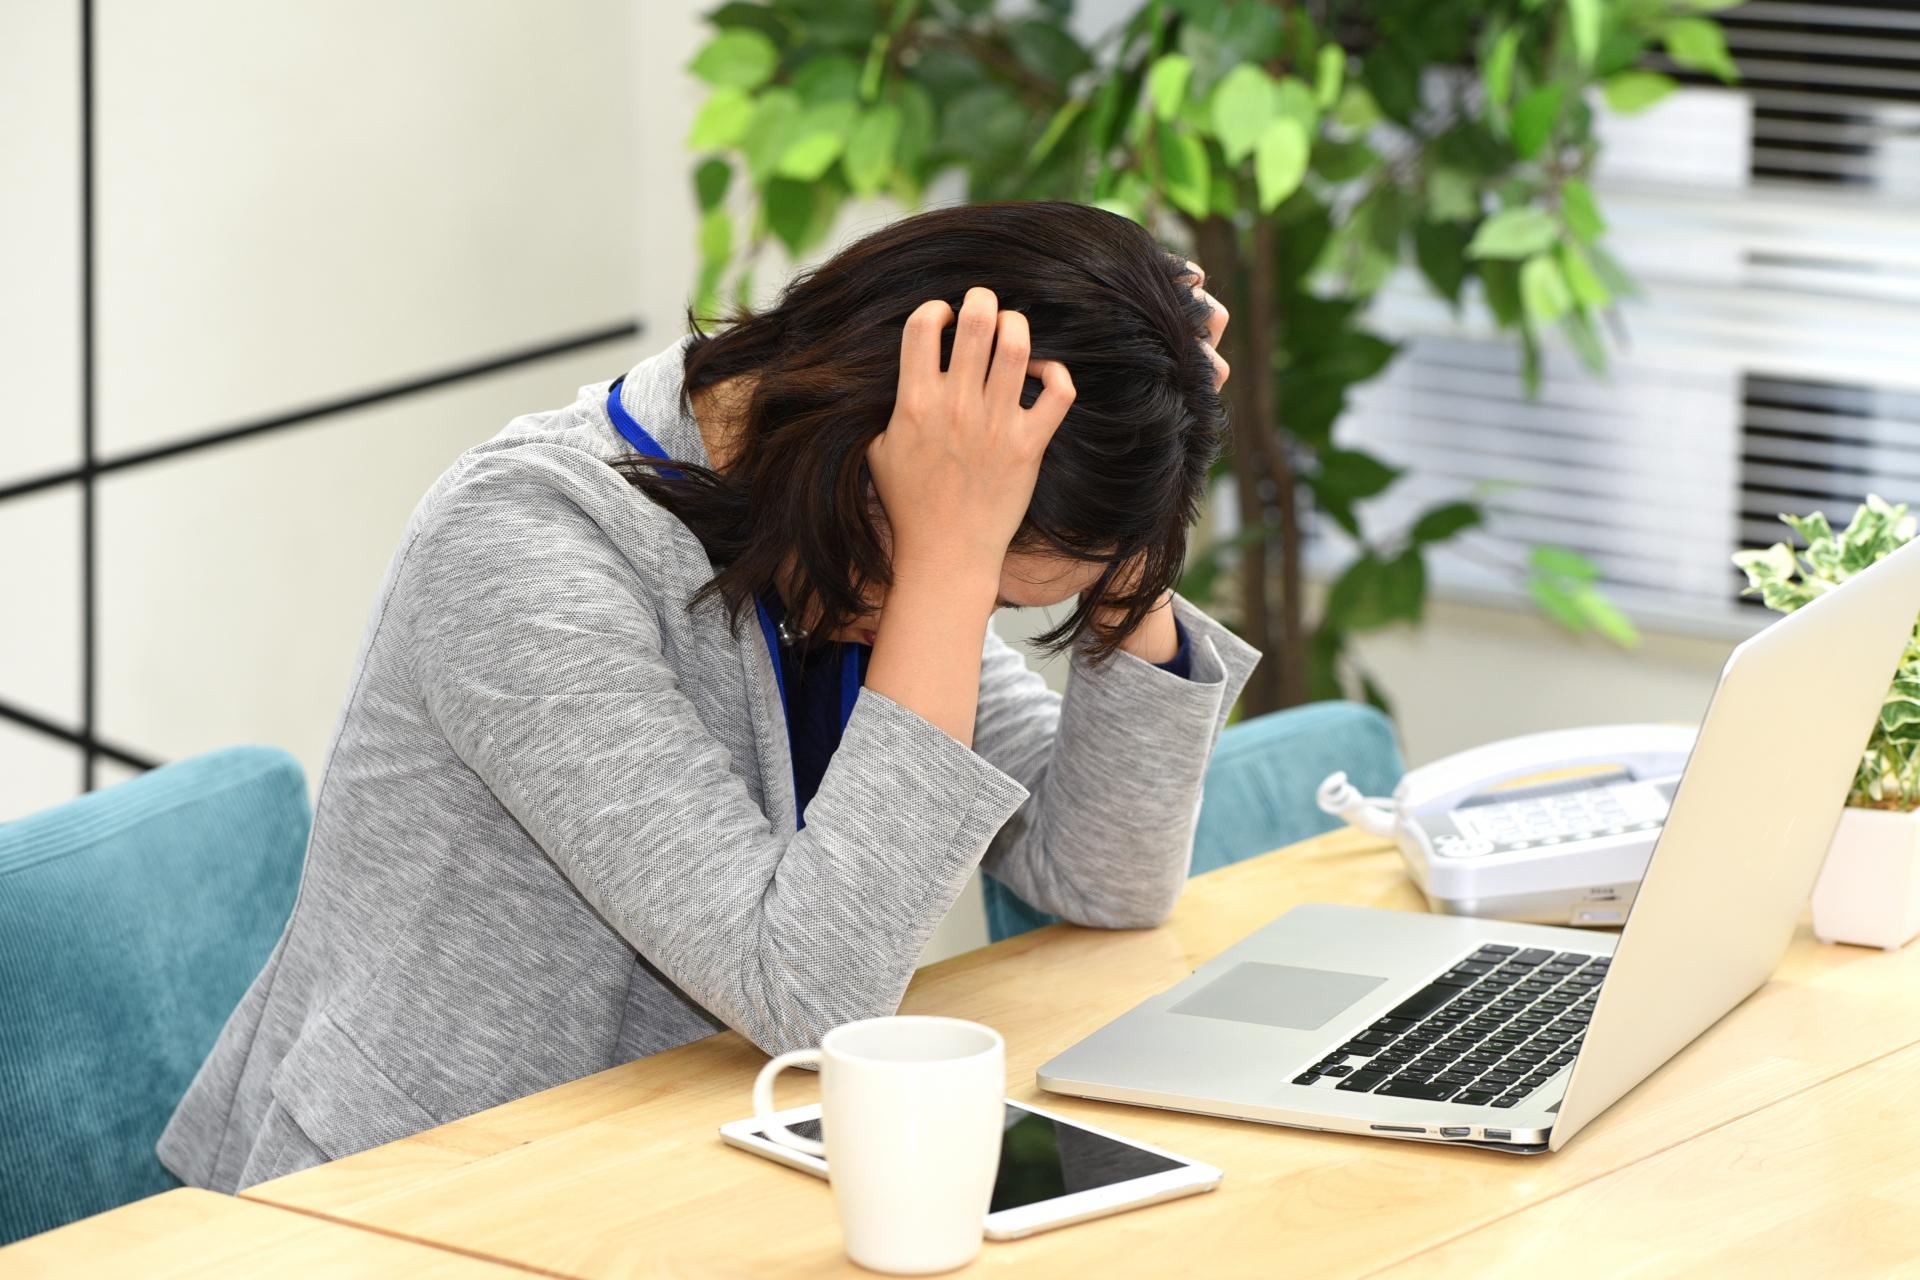 ウェディングプランナーはお休みはしっかり取れるの?雇用形態ごとの勤務時間、残業や休みを解説